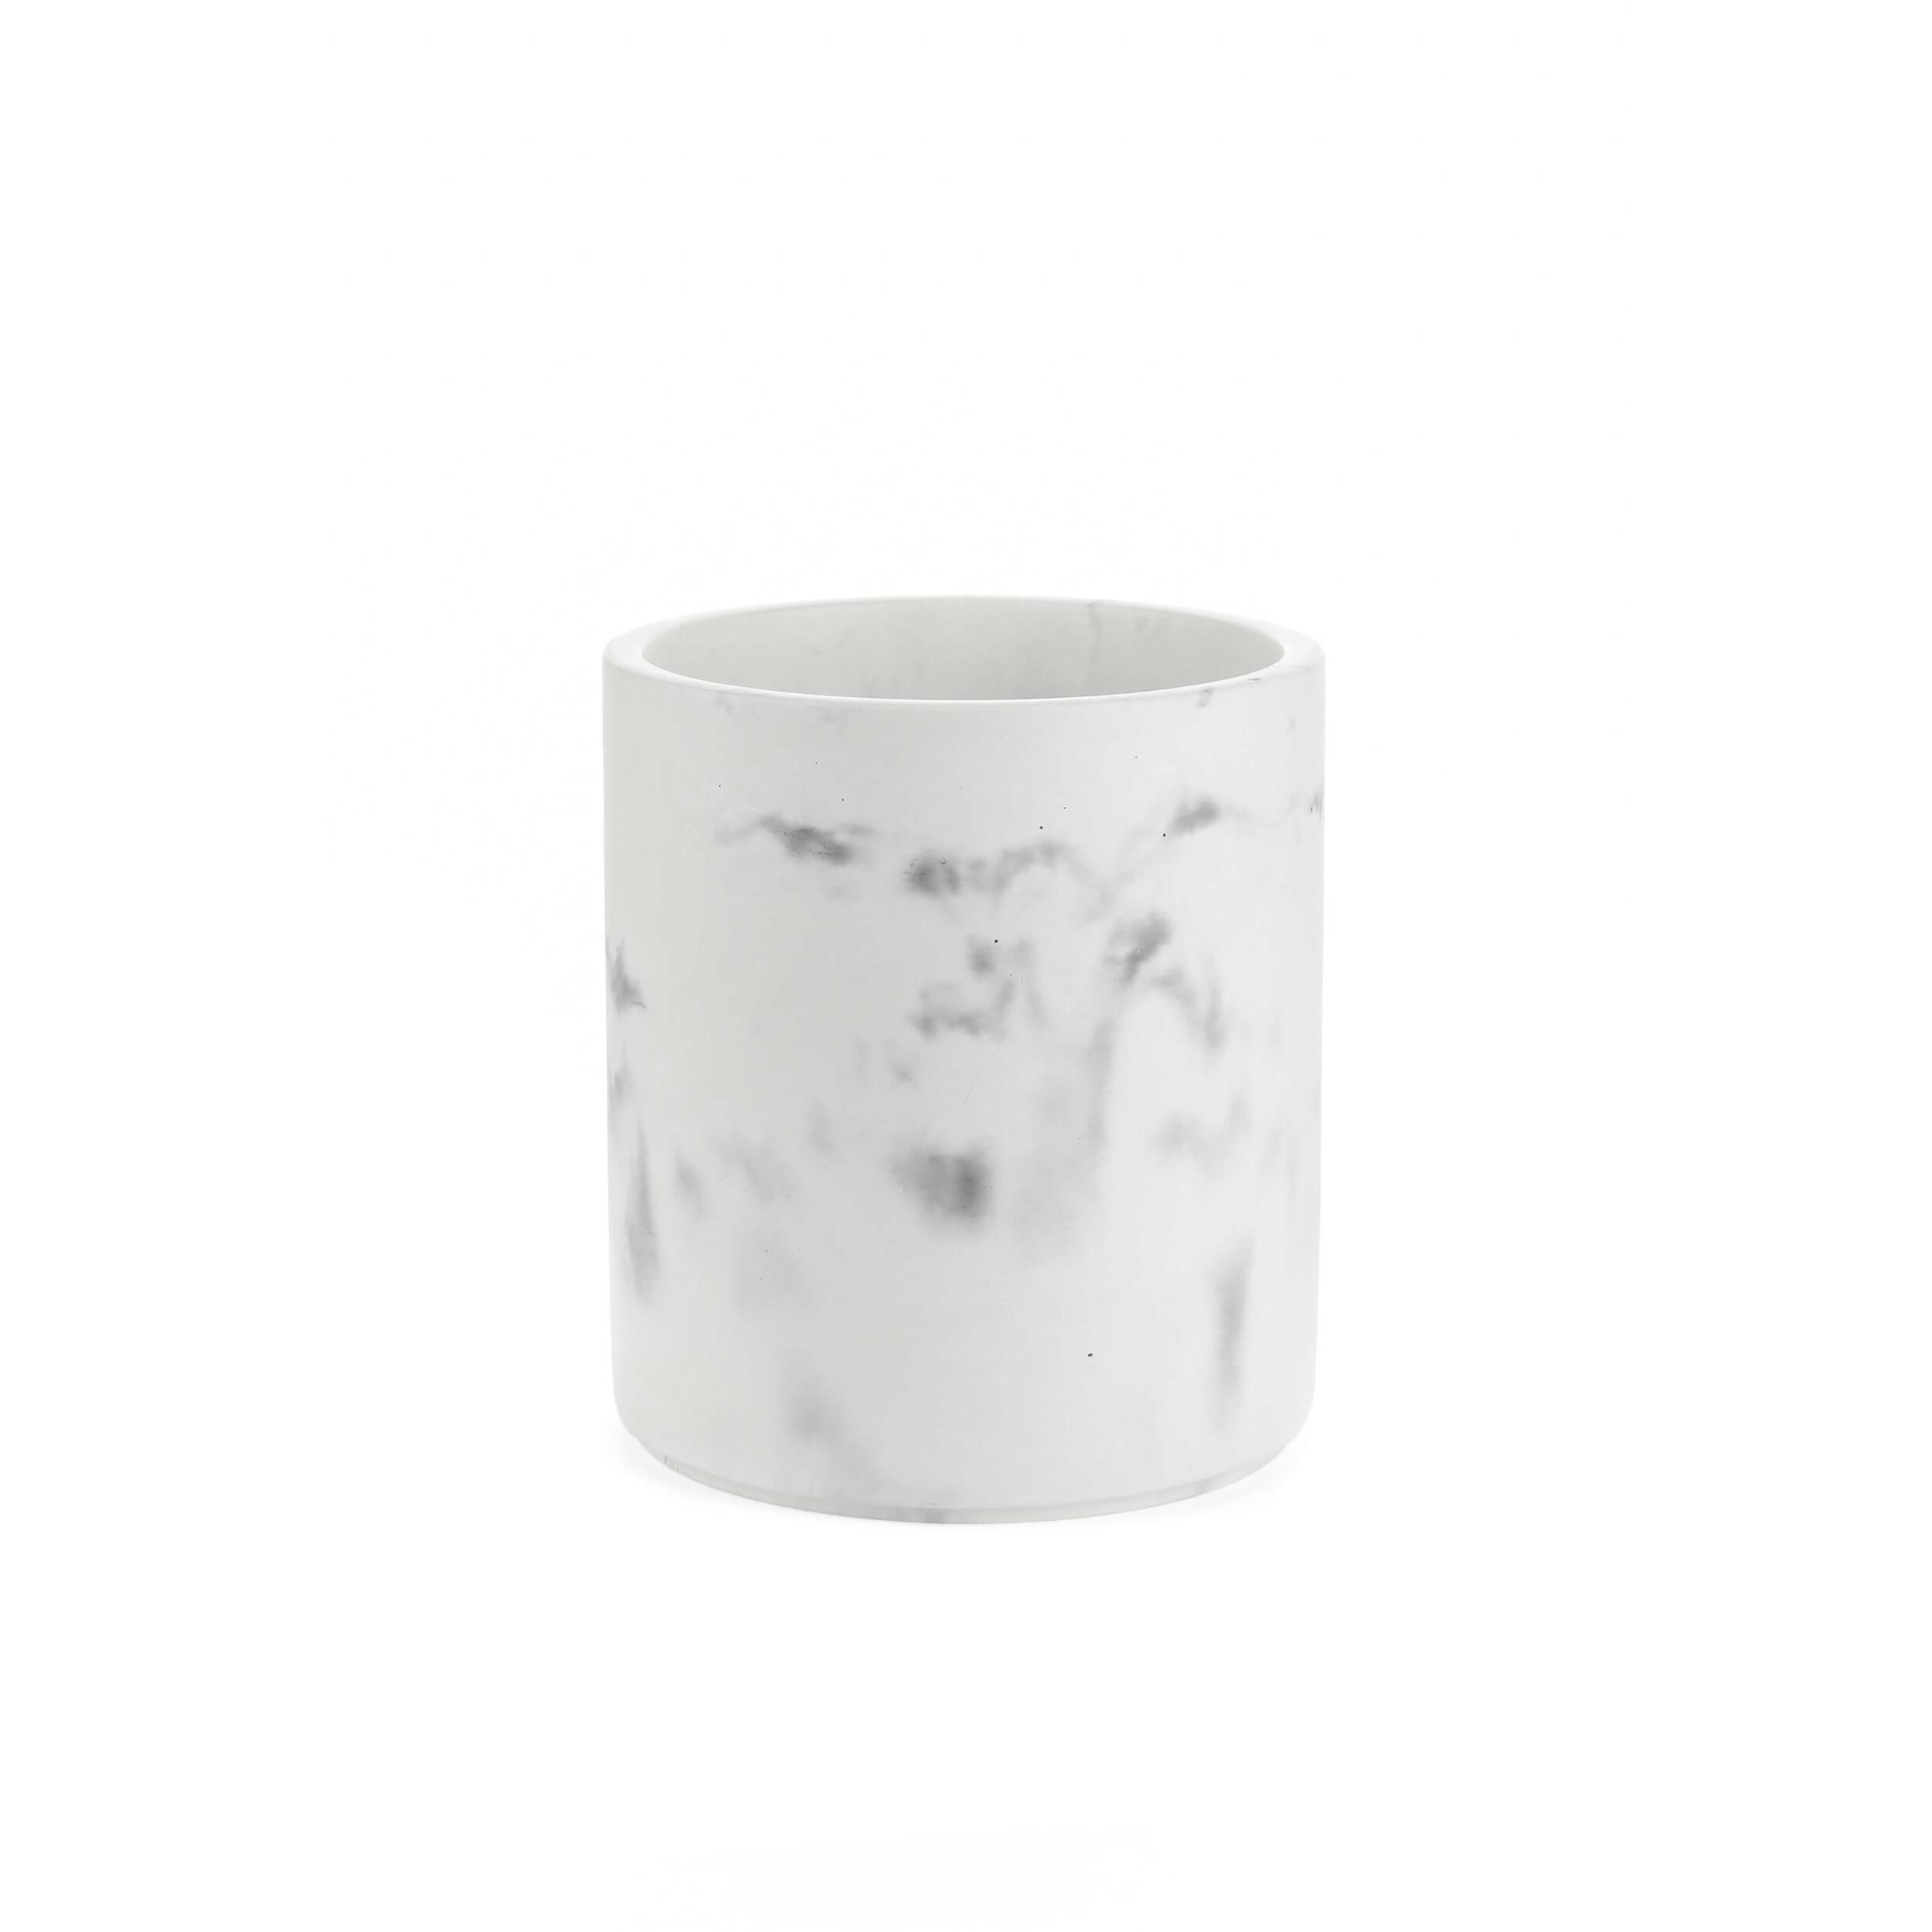 Корзина для мусора WuhanРазное<br>Элегантная коллекция Wuhan включает в себя модели предметов, необходимых в быту. Особенность этих моделей в их стильном дизайне, каждое изделие выполнено «под мрамор», что будет очень красиво смотреться в любом интерьере.<br><br><br> Стаканы, банки, мыльницы, дозаторы и другие предметы коллекции Wuhan сделаны из бетона, а это позволяет гарантировать их долговечность и прочность.<br><br><br> Эти предметы будут долго служить вам и станут потрясающим украшением для вашего дома. Wuhan также подойдет для и...<br><br>stock: 97<br>Высота: 24<br>Материал: Бетон<br>Цвет: Белый<br>Диаметр: 21<br>Цвет дополнительный: Черный